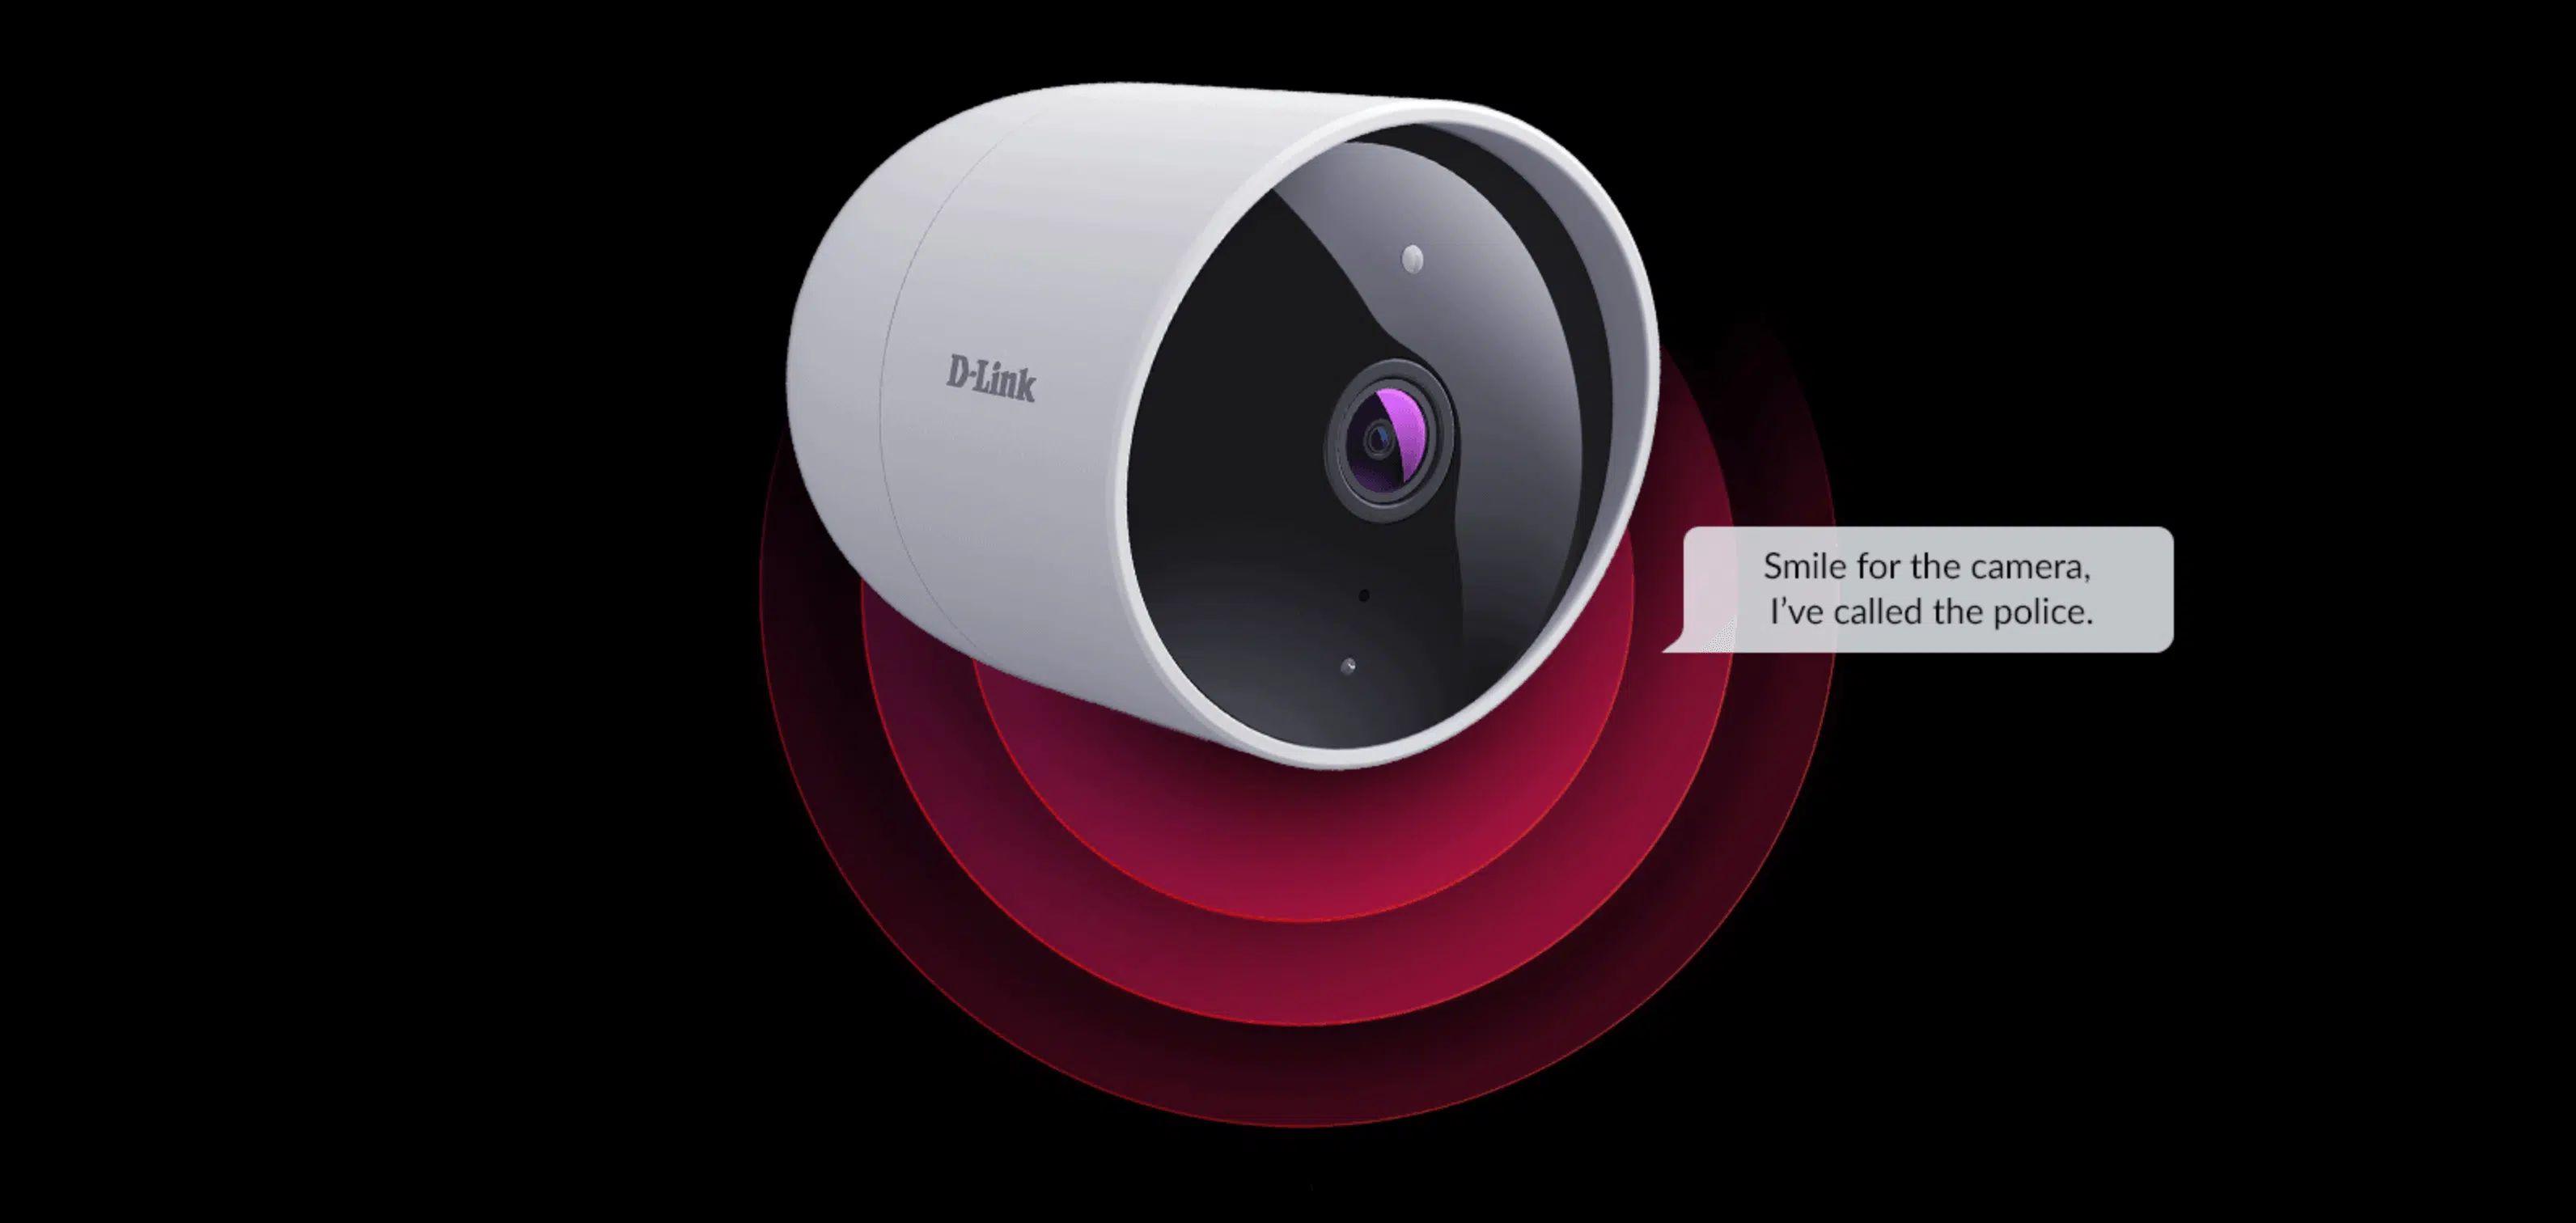 D-Link Smart Home Kameras